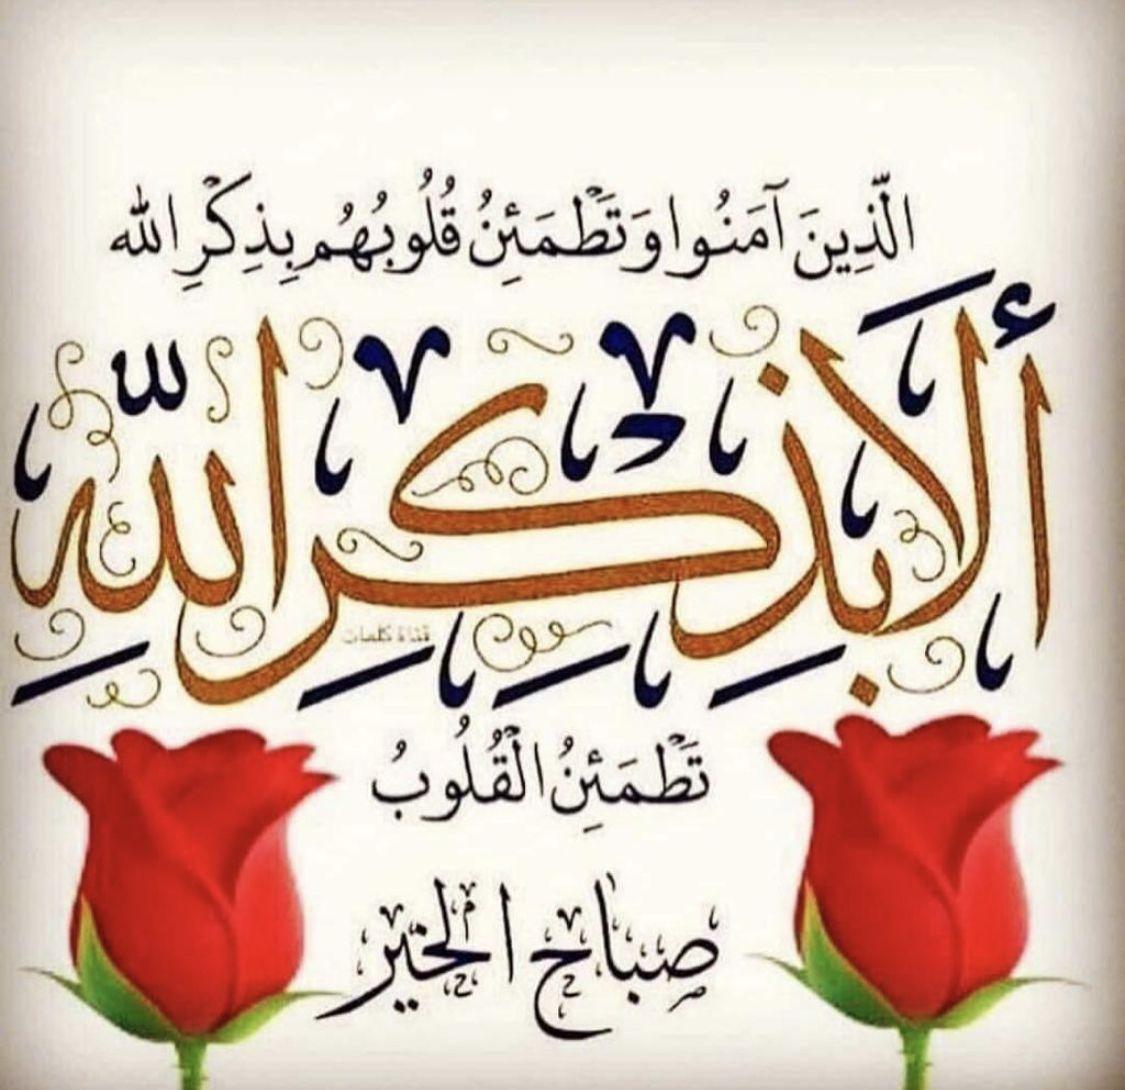 سبحان الله وبحمده سبحان الله العظيم صباح الخير للجميع Arabic Calligraphy Instagram Posts Greetings